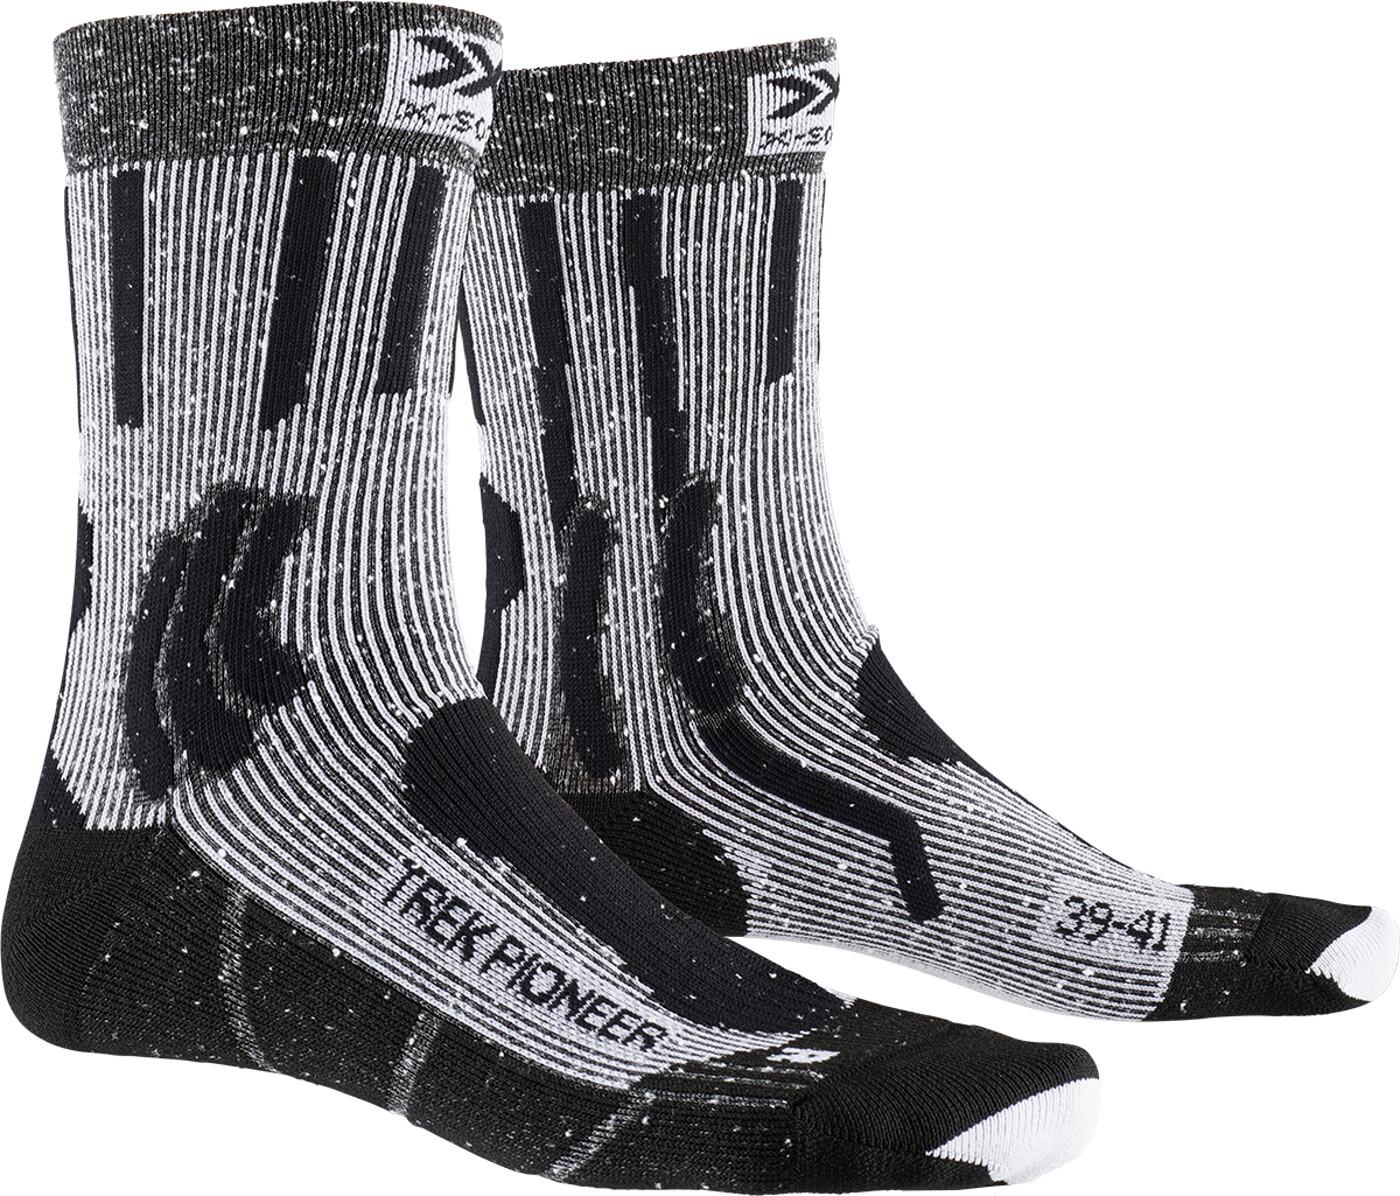 X-BIONIC X-SOCKS® TREK PIONEER - Herren